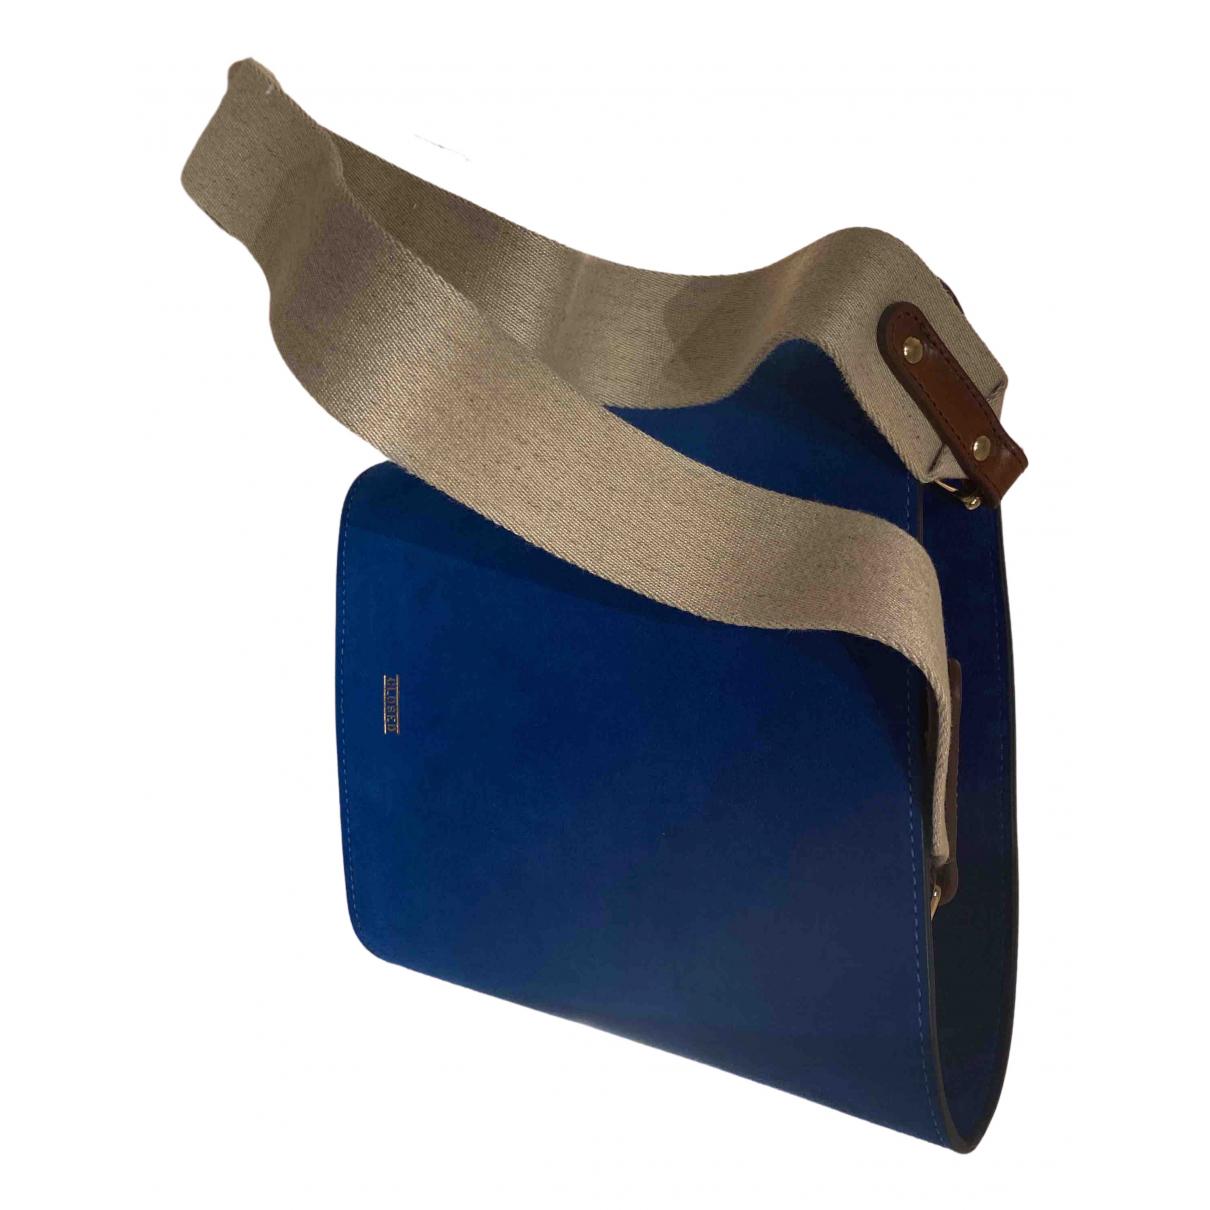 Closed \N Suede handbag for Women \N